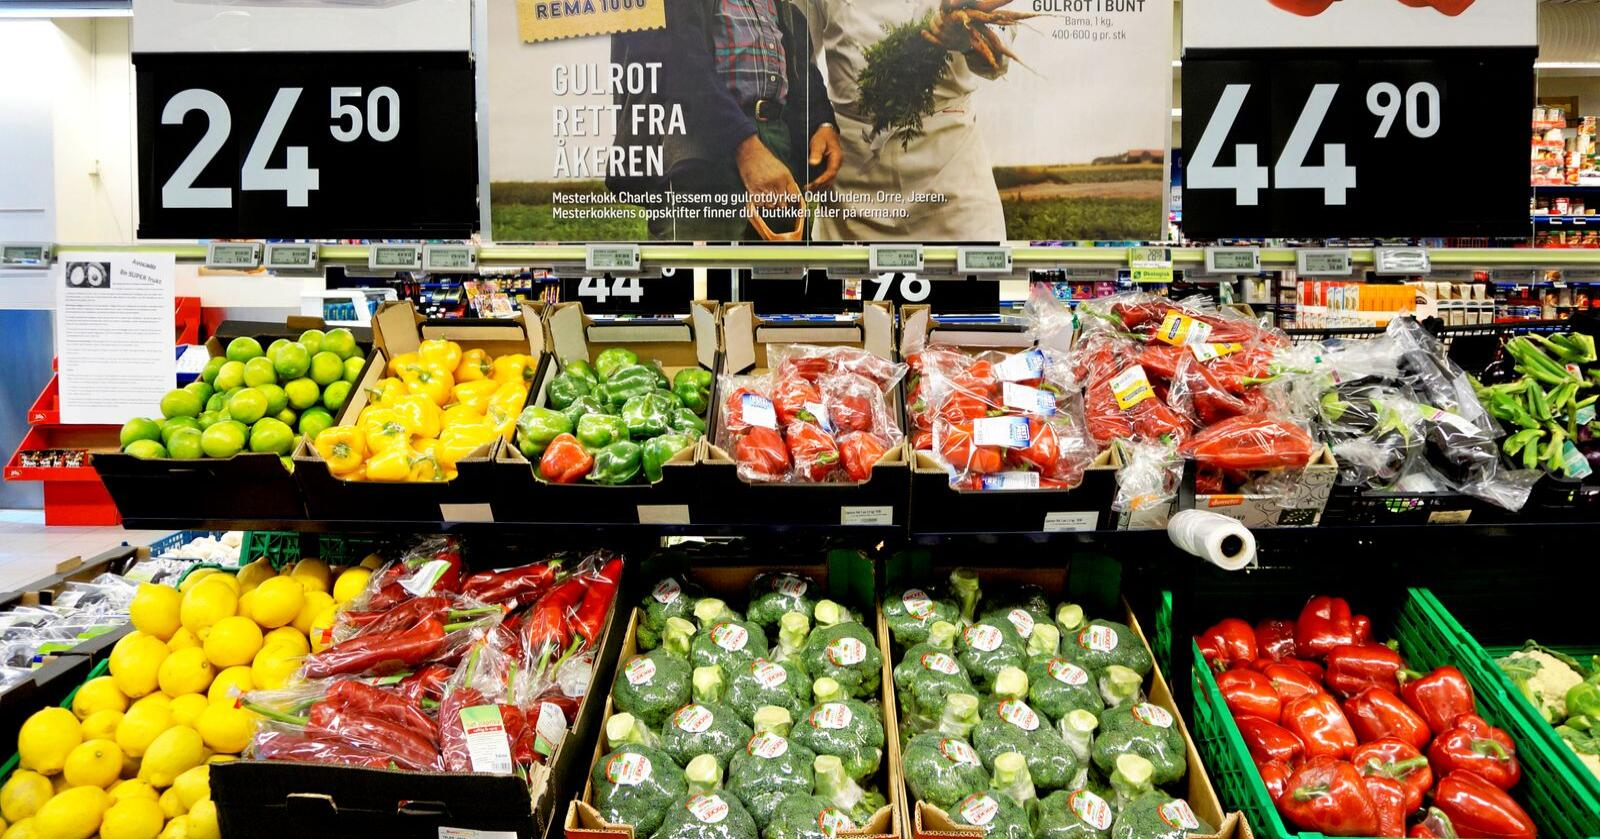 Landbruksekspert Christian Anton Smedshaug utelukker ikke at enkelte frukt og grønnsaker kan bli mangelvare denne sesongen. Foto: Marie De Rosa